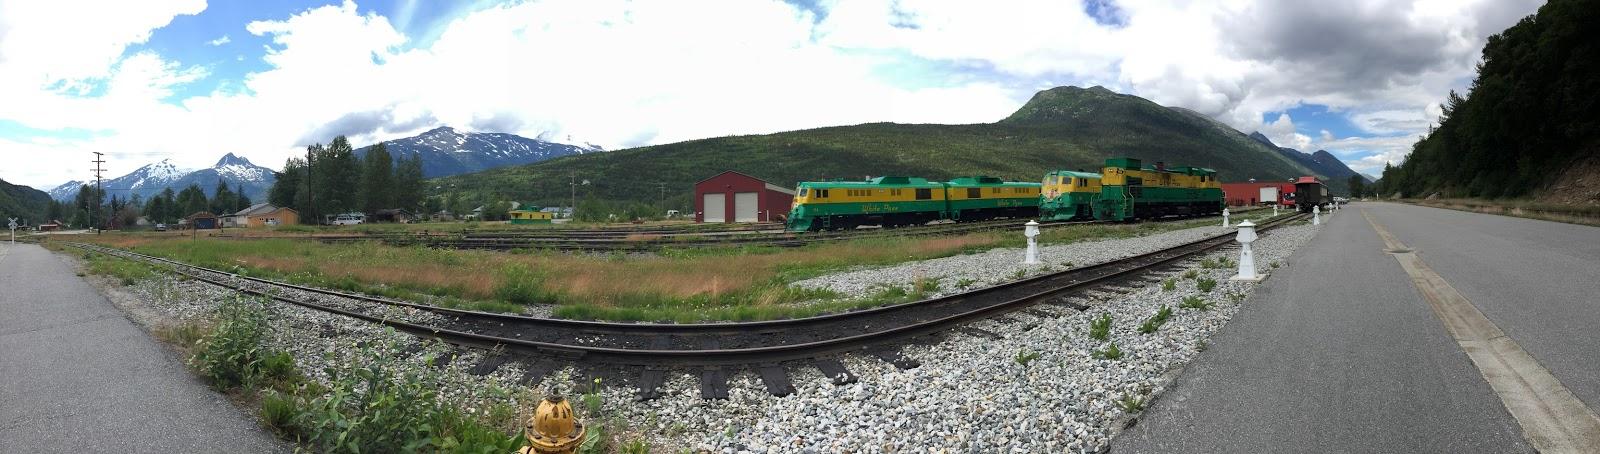 White P Train